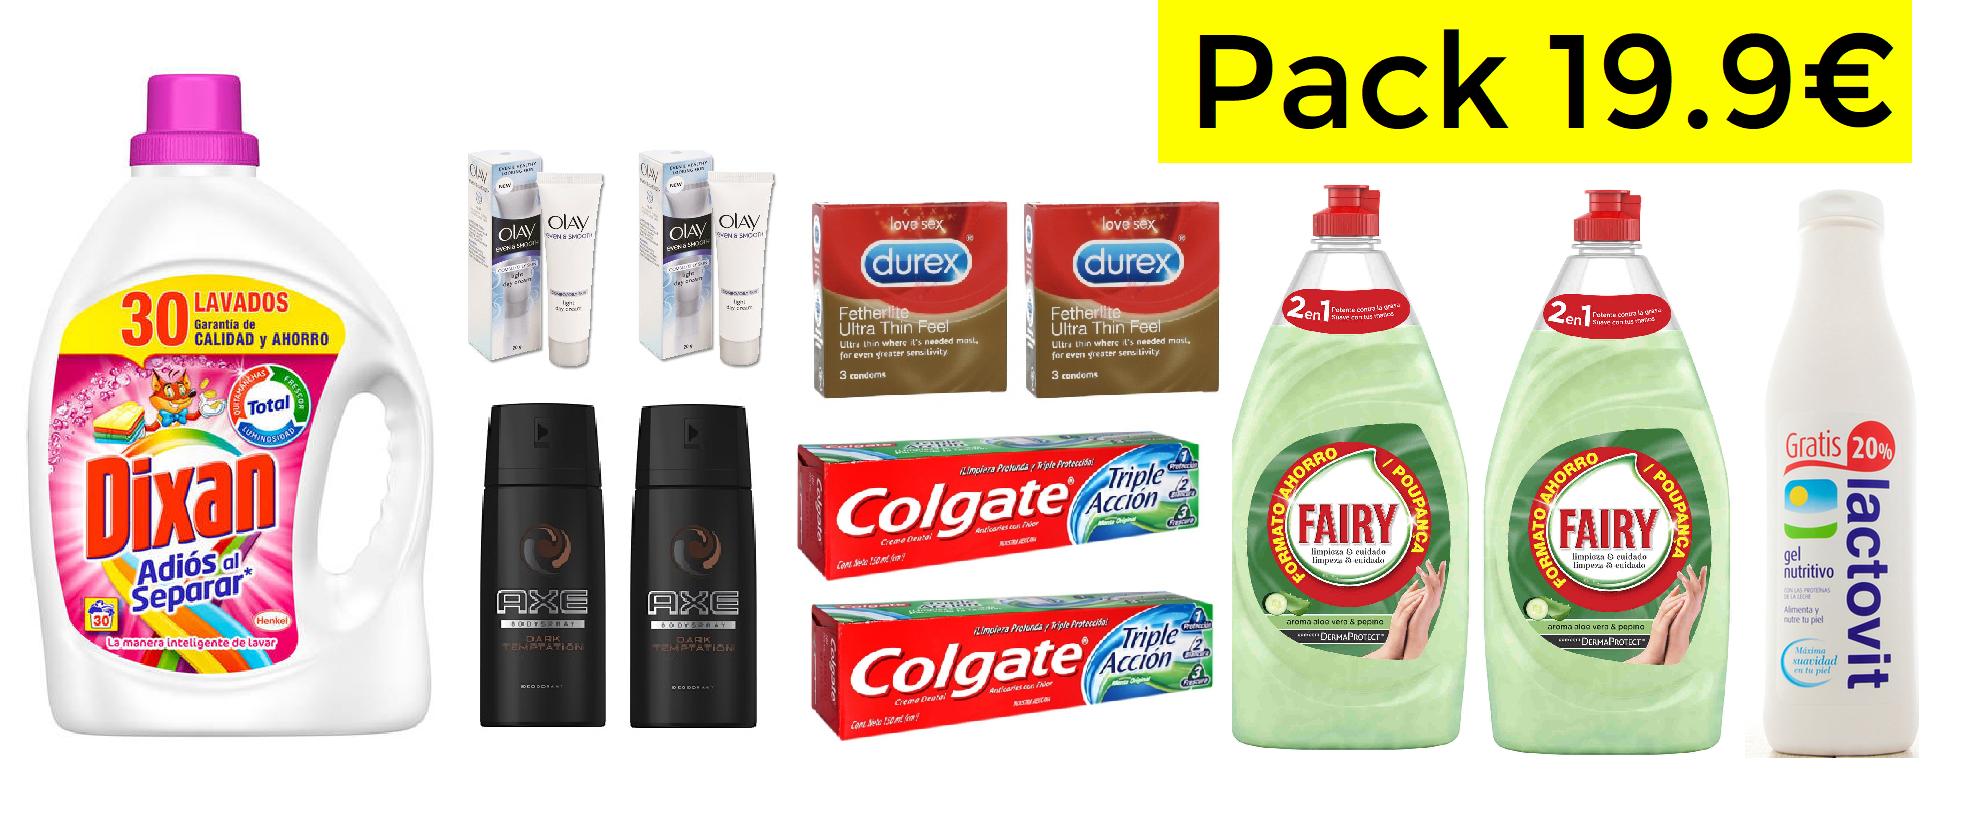 Pack productos higiene y limpieza solo 19.9€